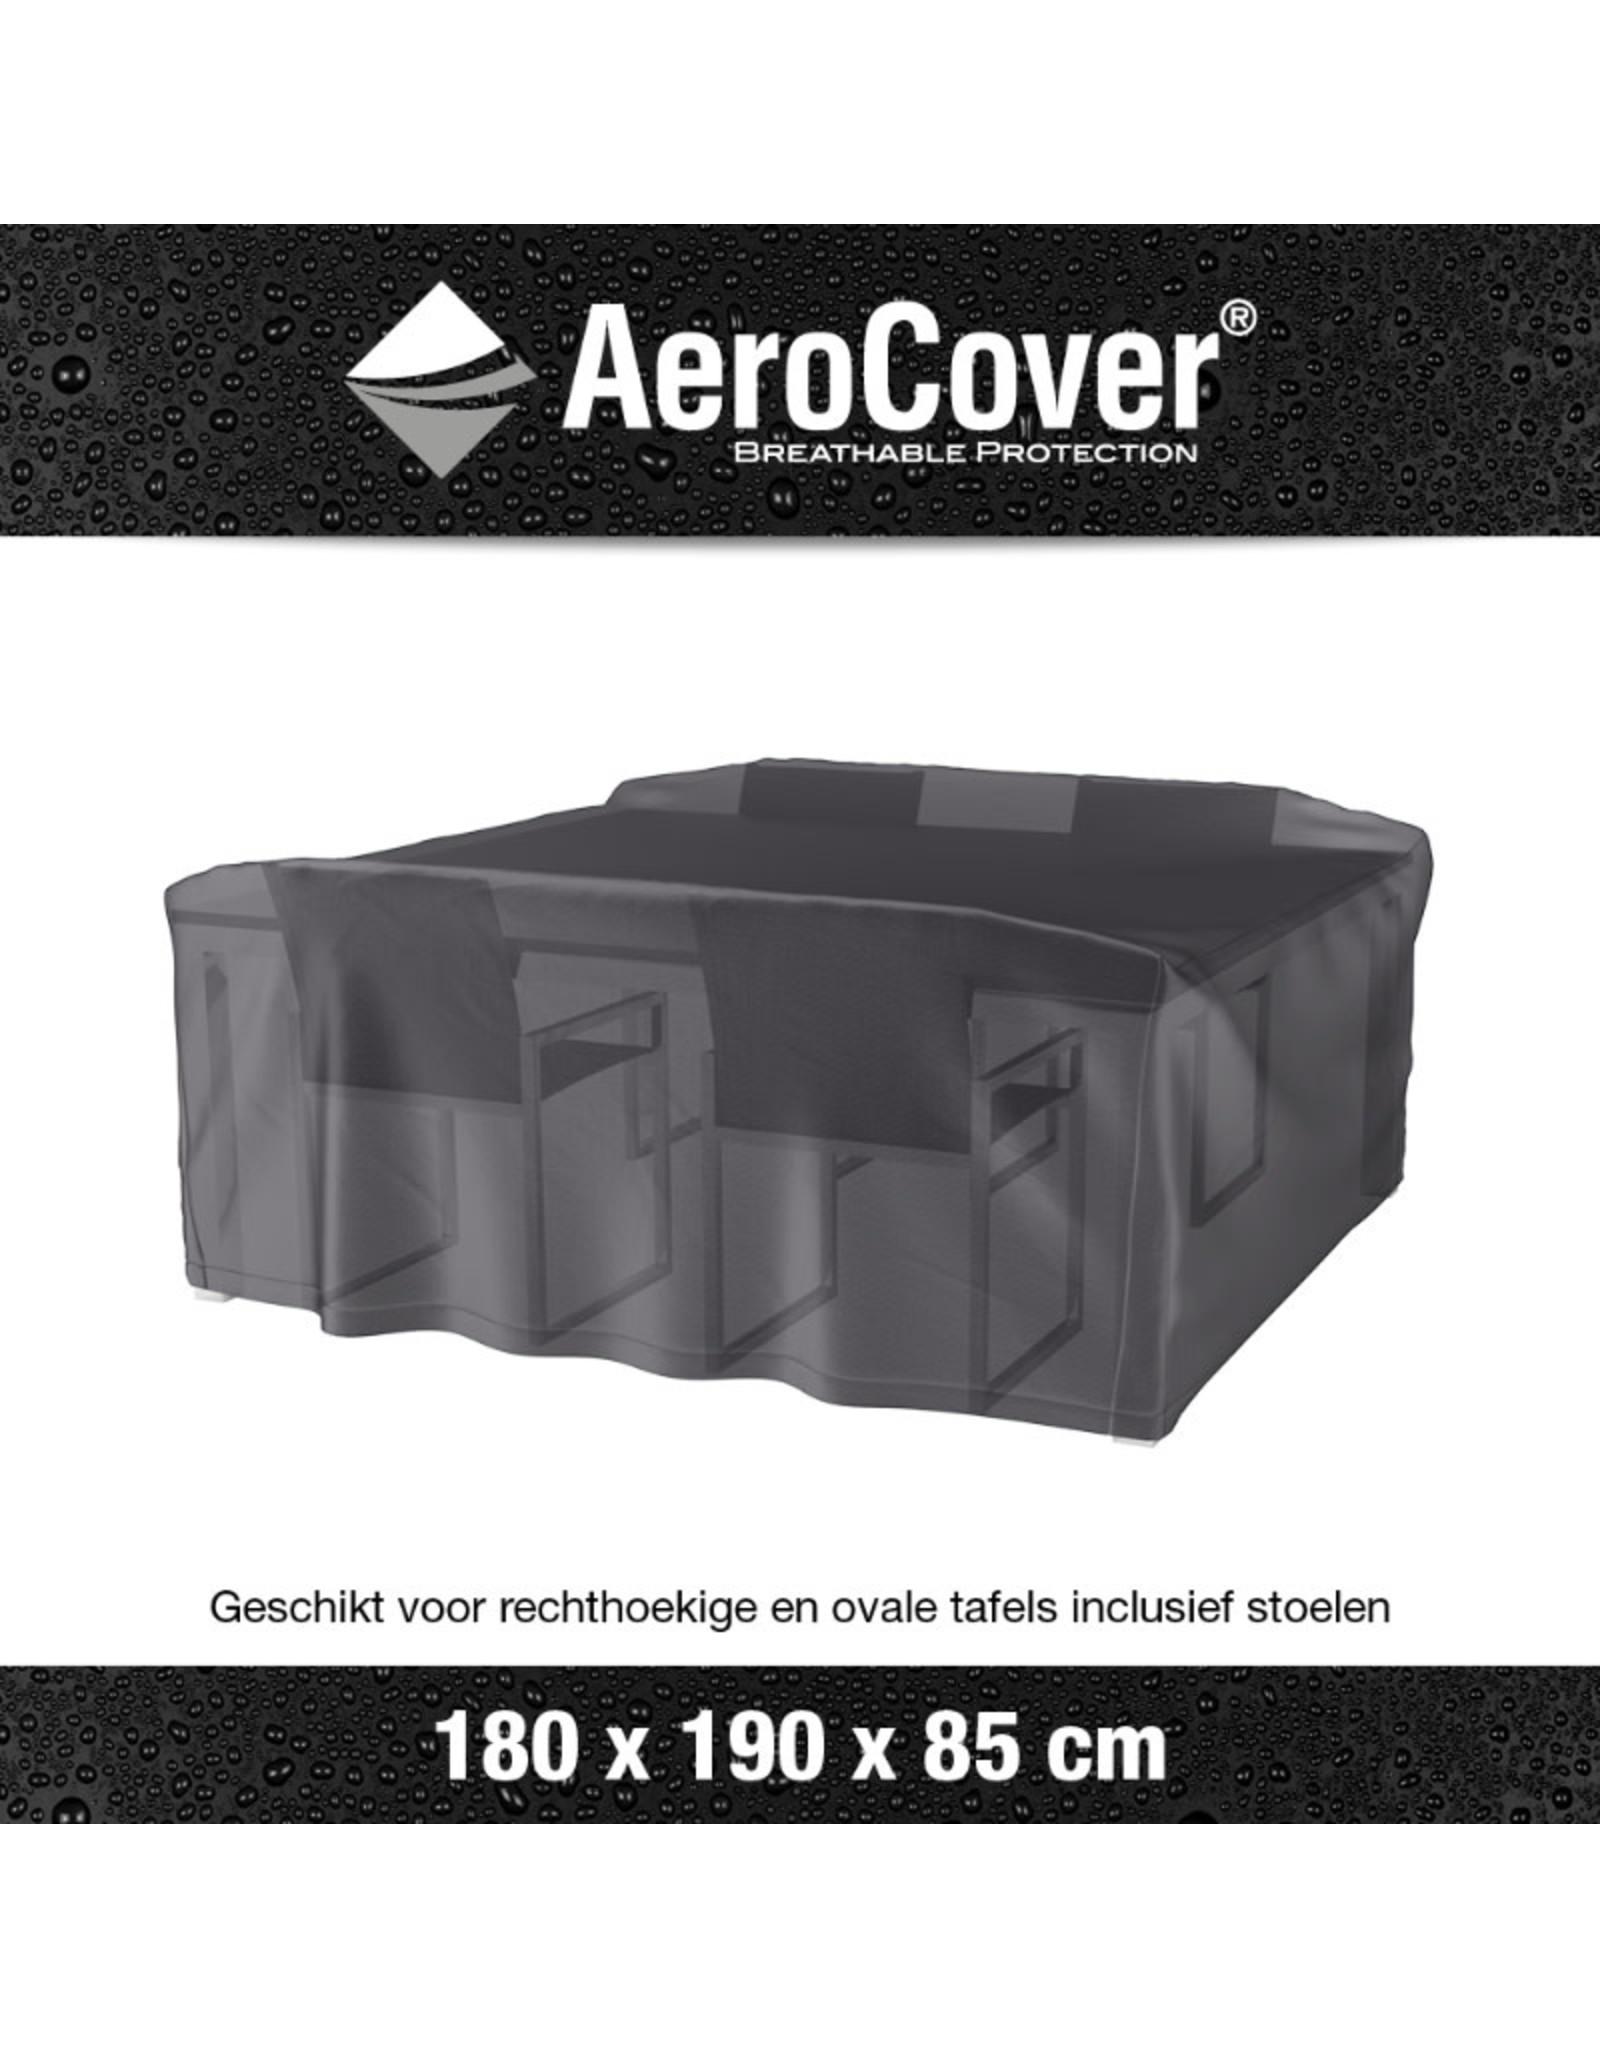 Aerocover AeroCover Garden set cover 180x190xH85